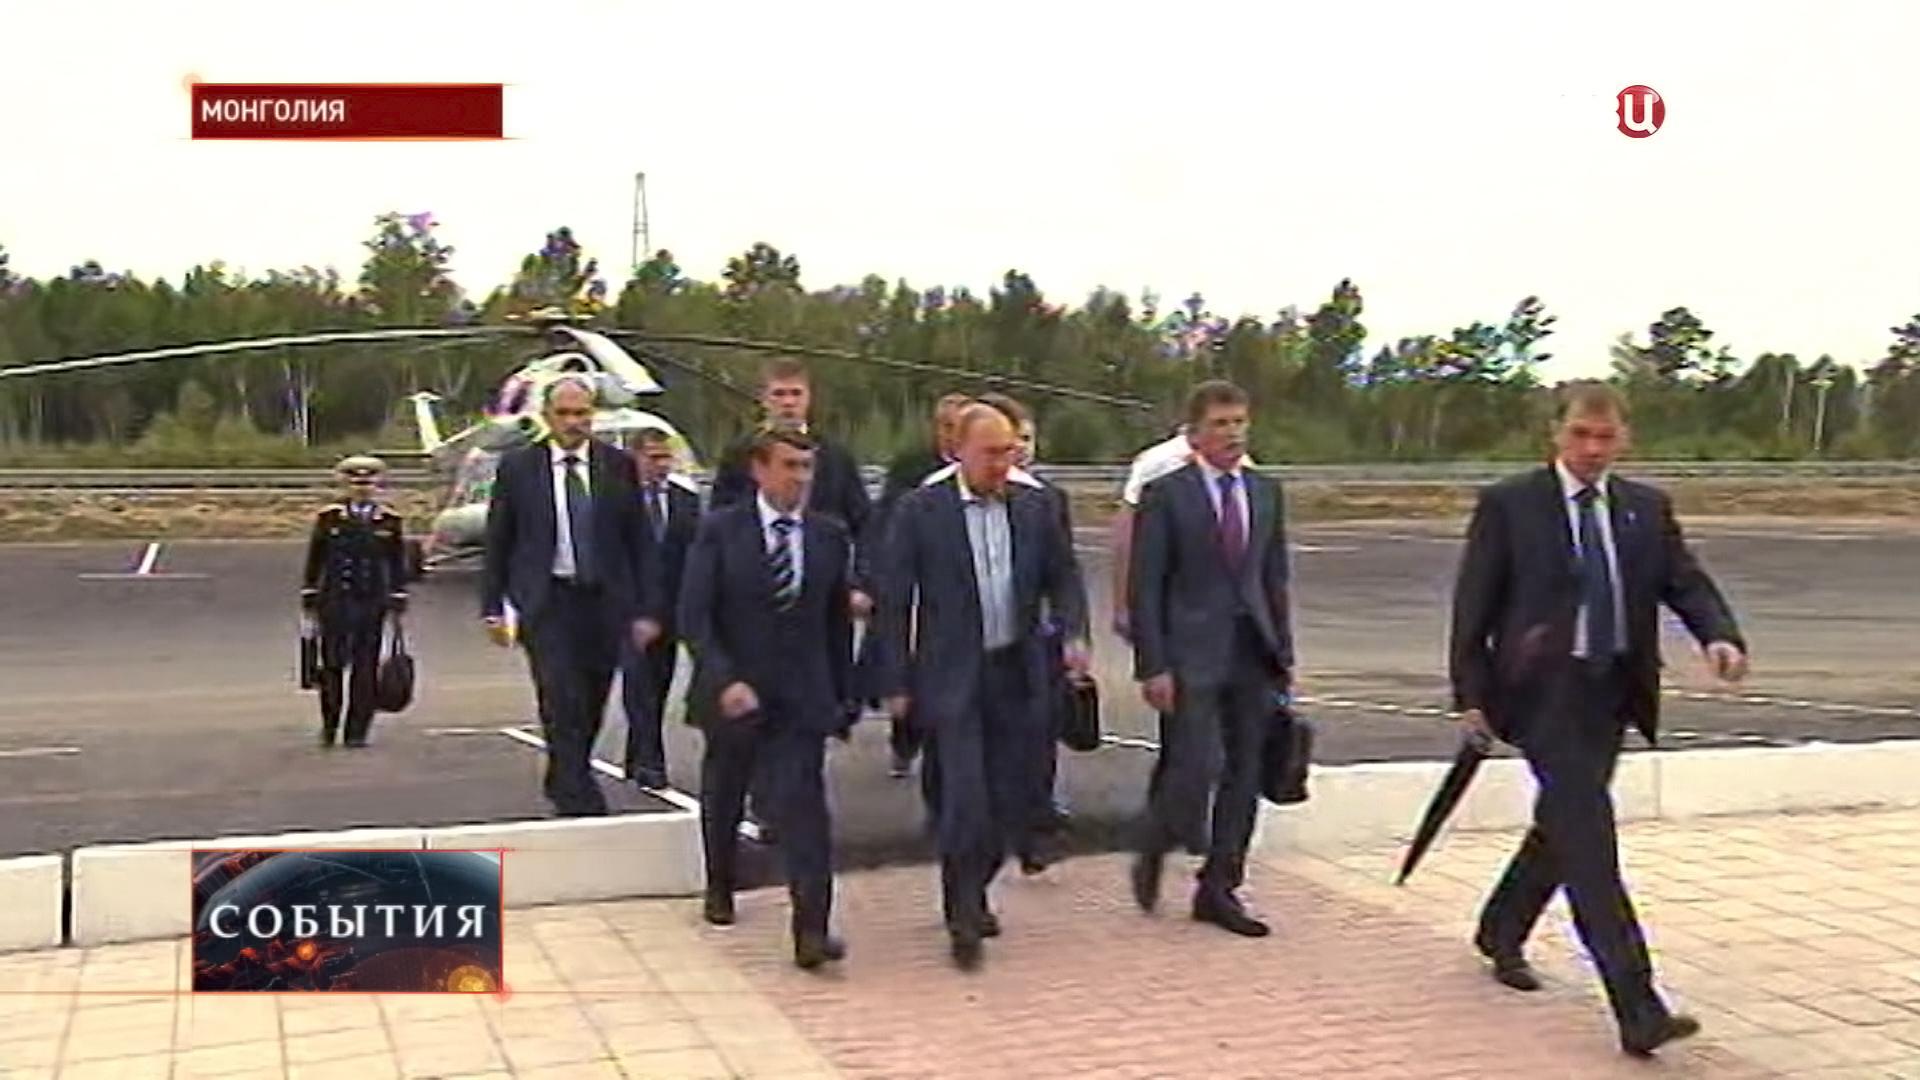 Владимир Путин прибыл в Манголию